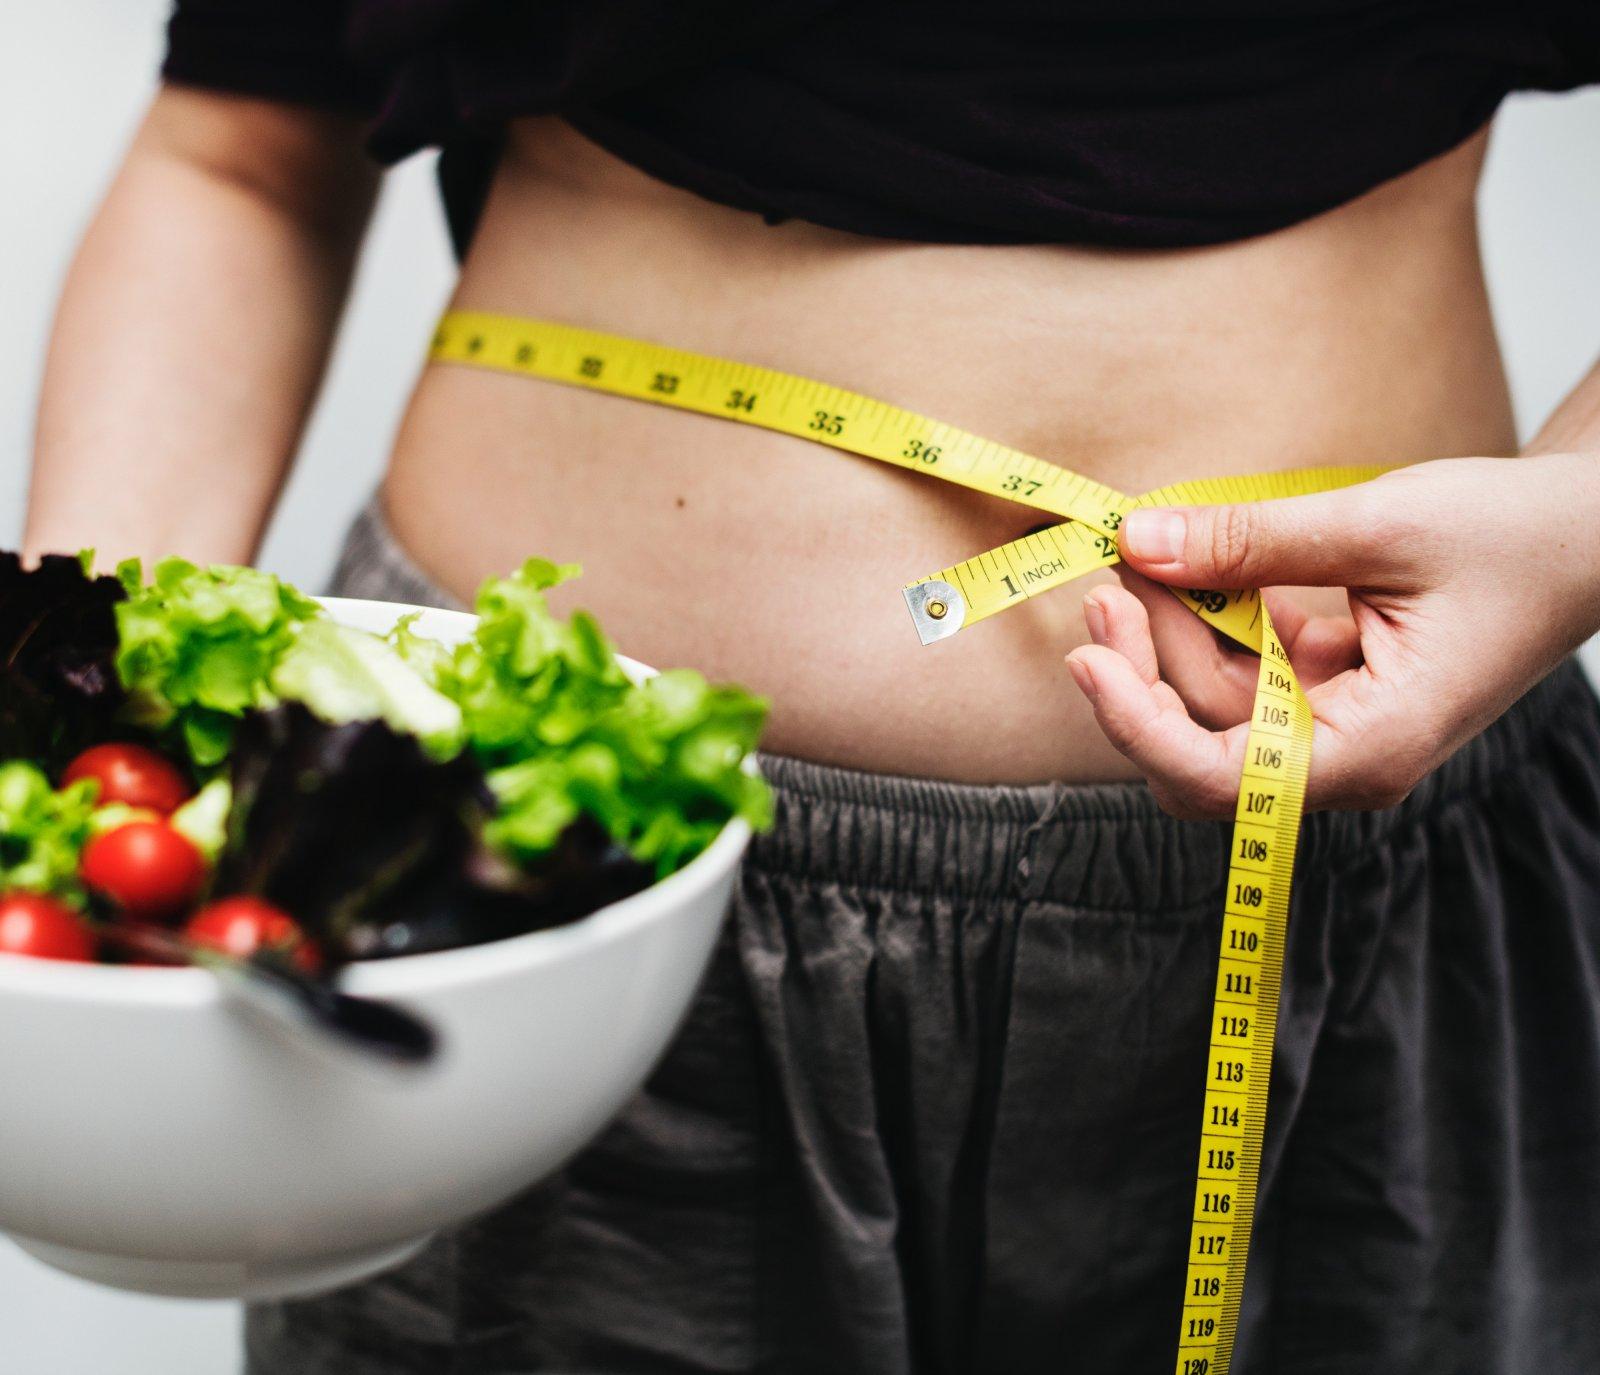 ostrogeeni blokeerija rasva kadu Miracle Kaalulangus ravi